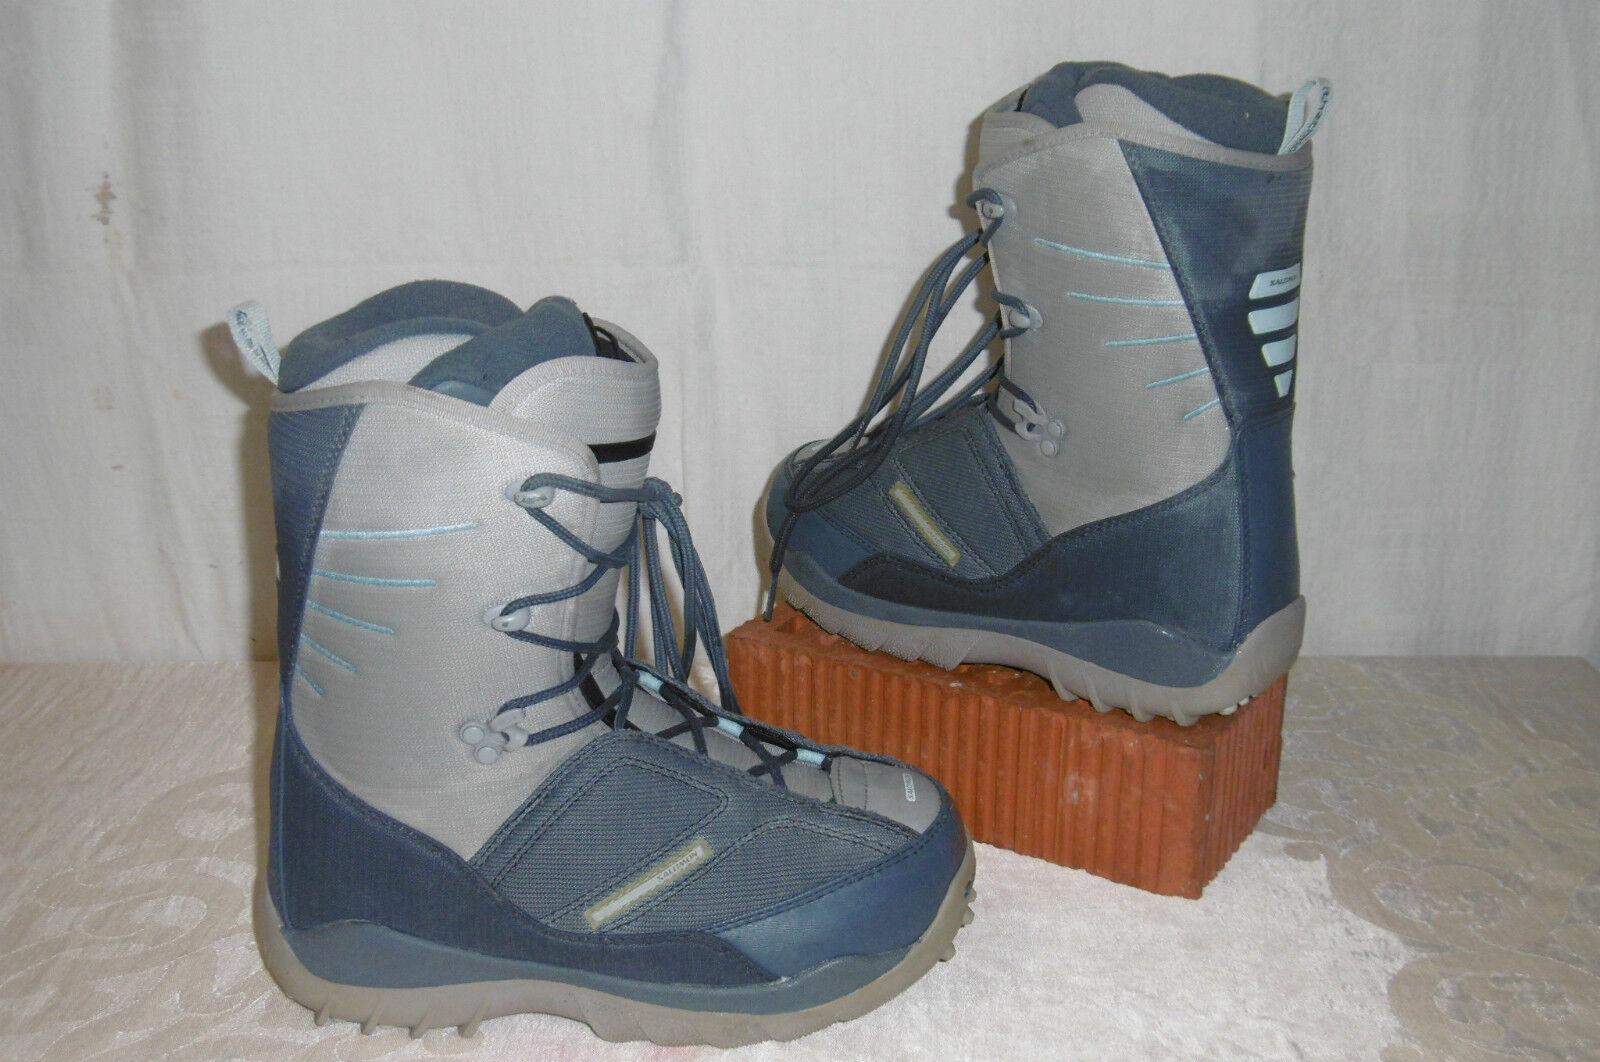 Salomon  kalitan  Top daSie Snowboard Stiefel Größe  38